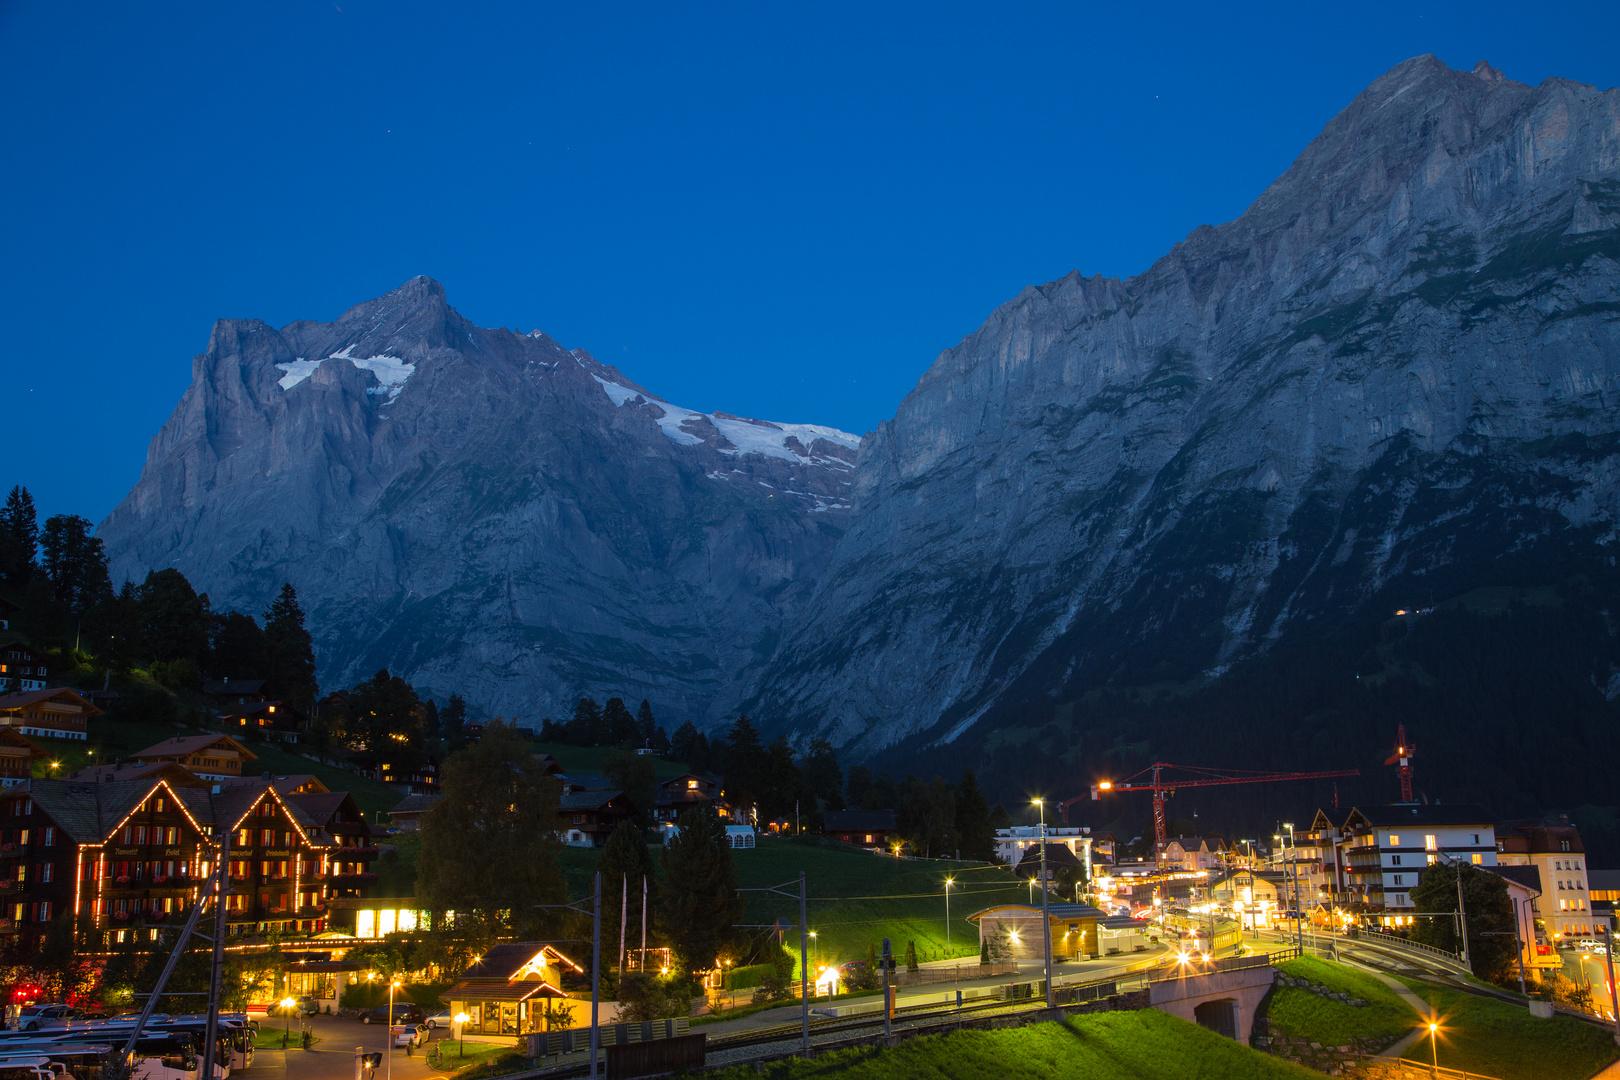 Nacht senkt sich über Grindelwald